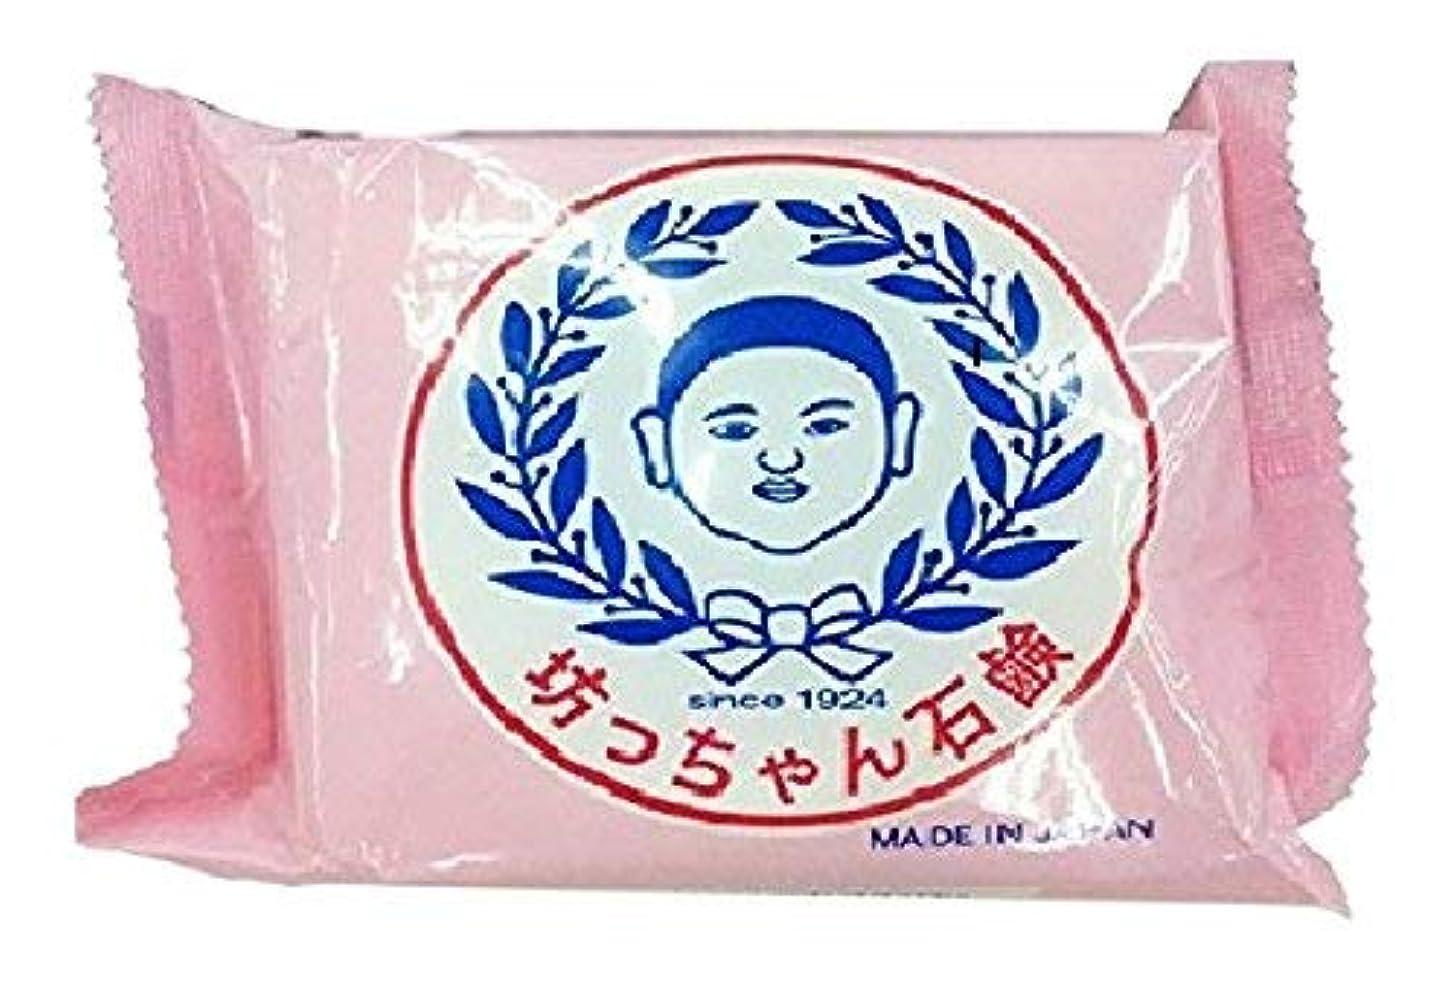 触手明るい装置【まとめ買い】坊っちゃん石鹸 釜出し一番 175g ×6個